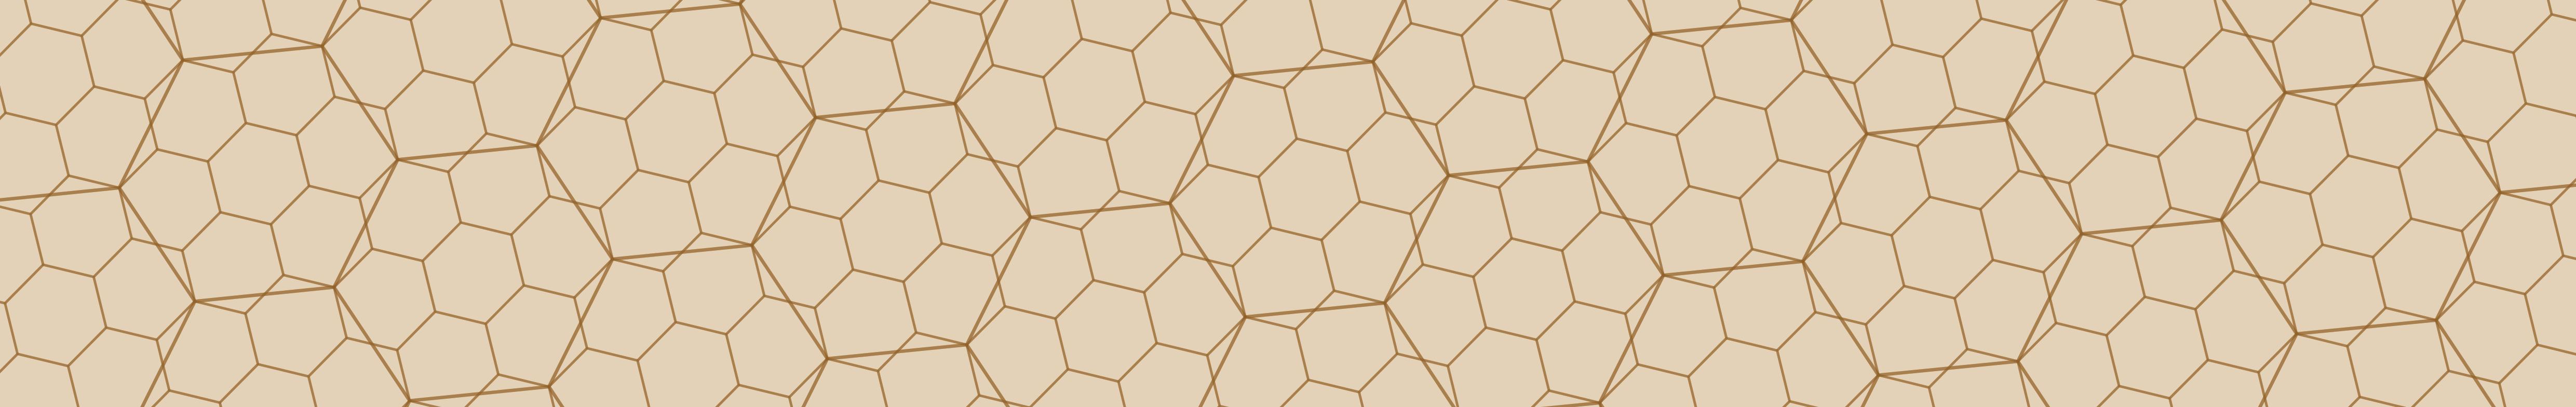 grid_tan.png